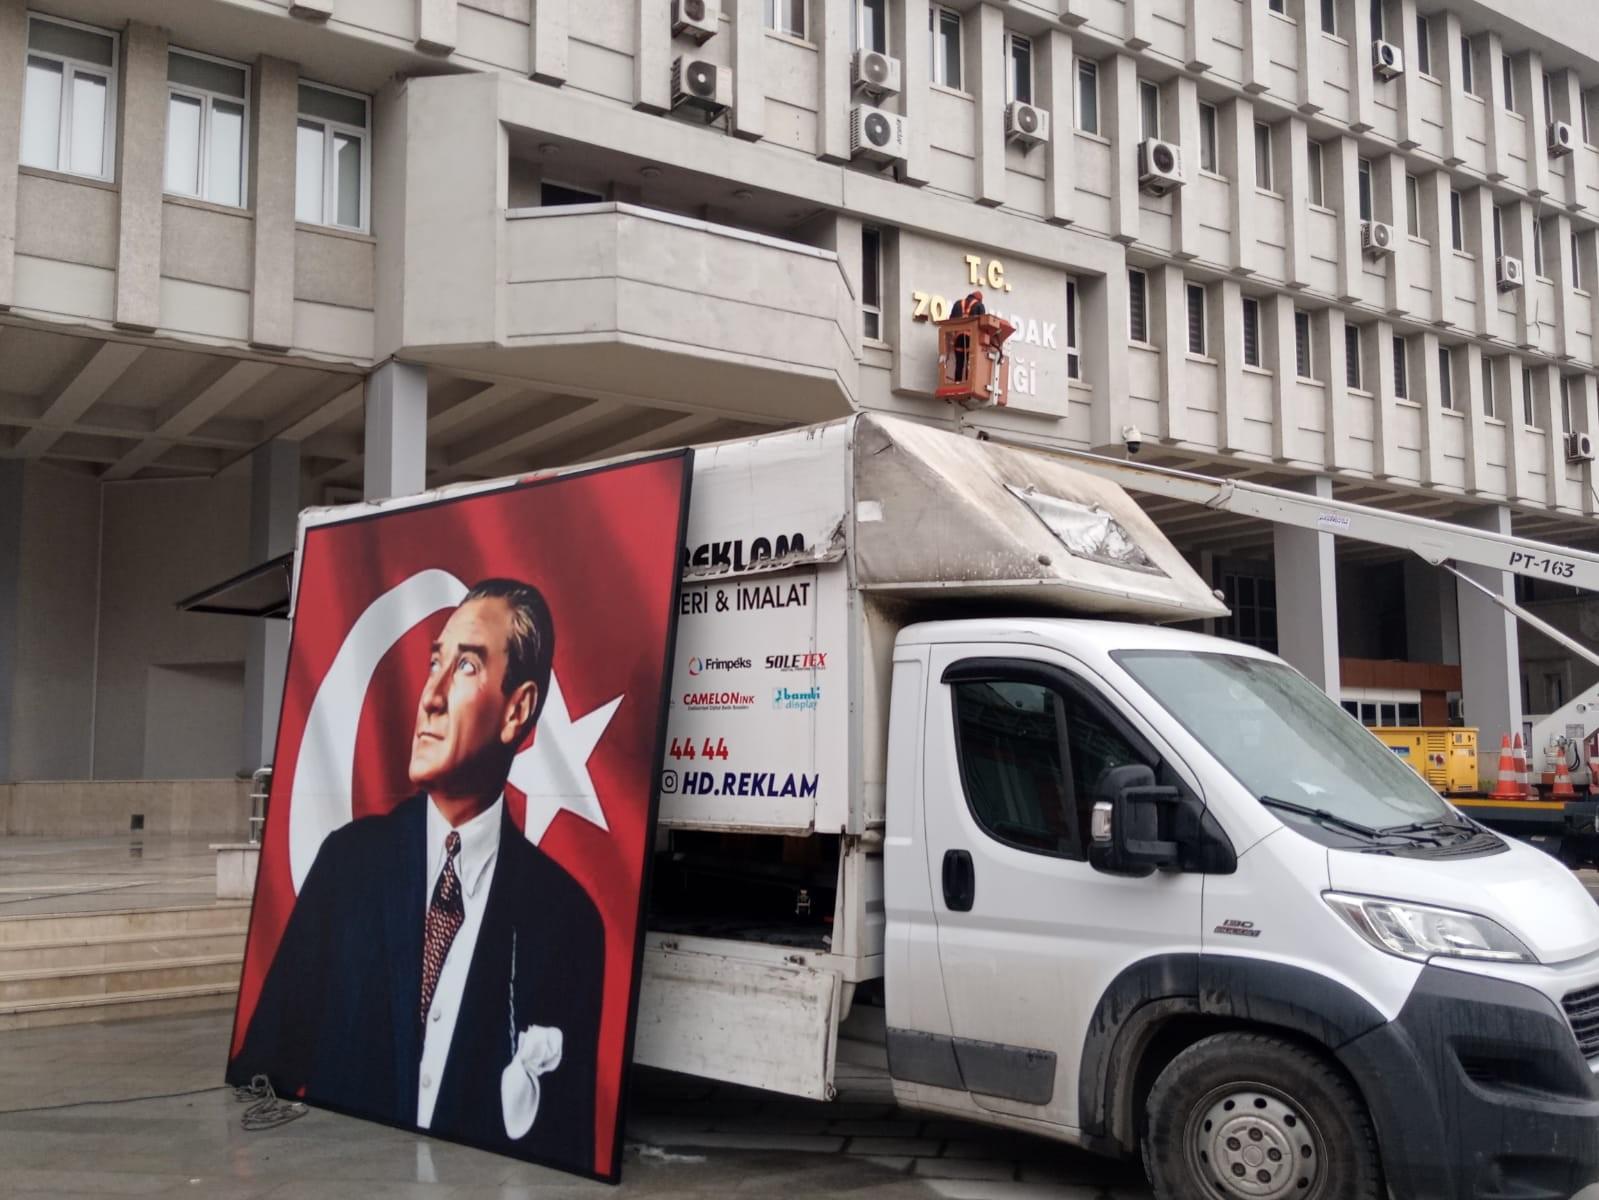 Zonguldak'ta hummalı hazırlık! Erdoğan'ın gelişi öncesinde Valilik binasında yenileme çalışmaları başladı